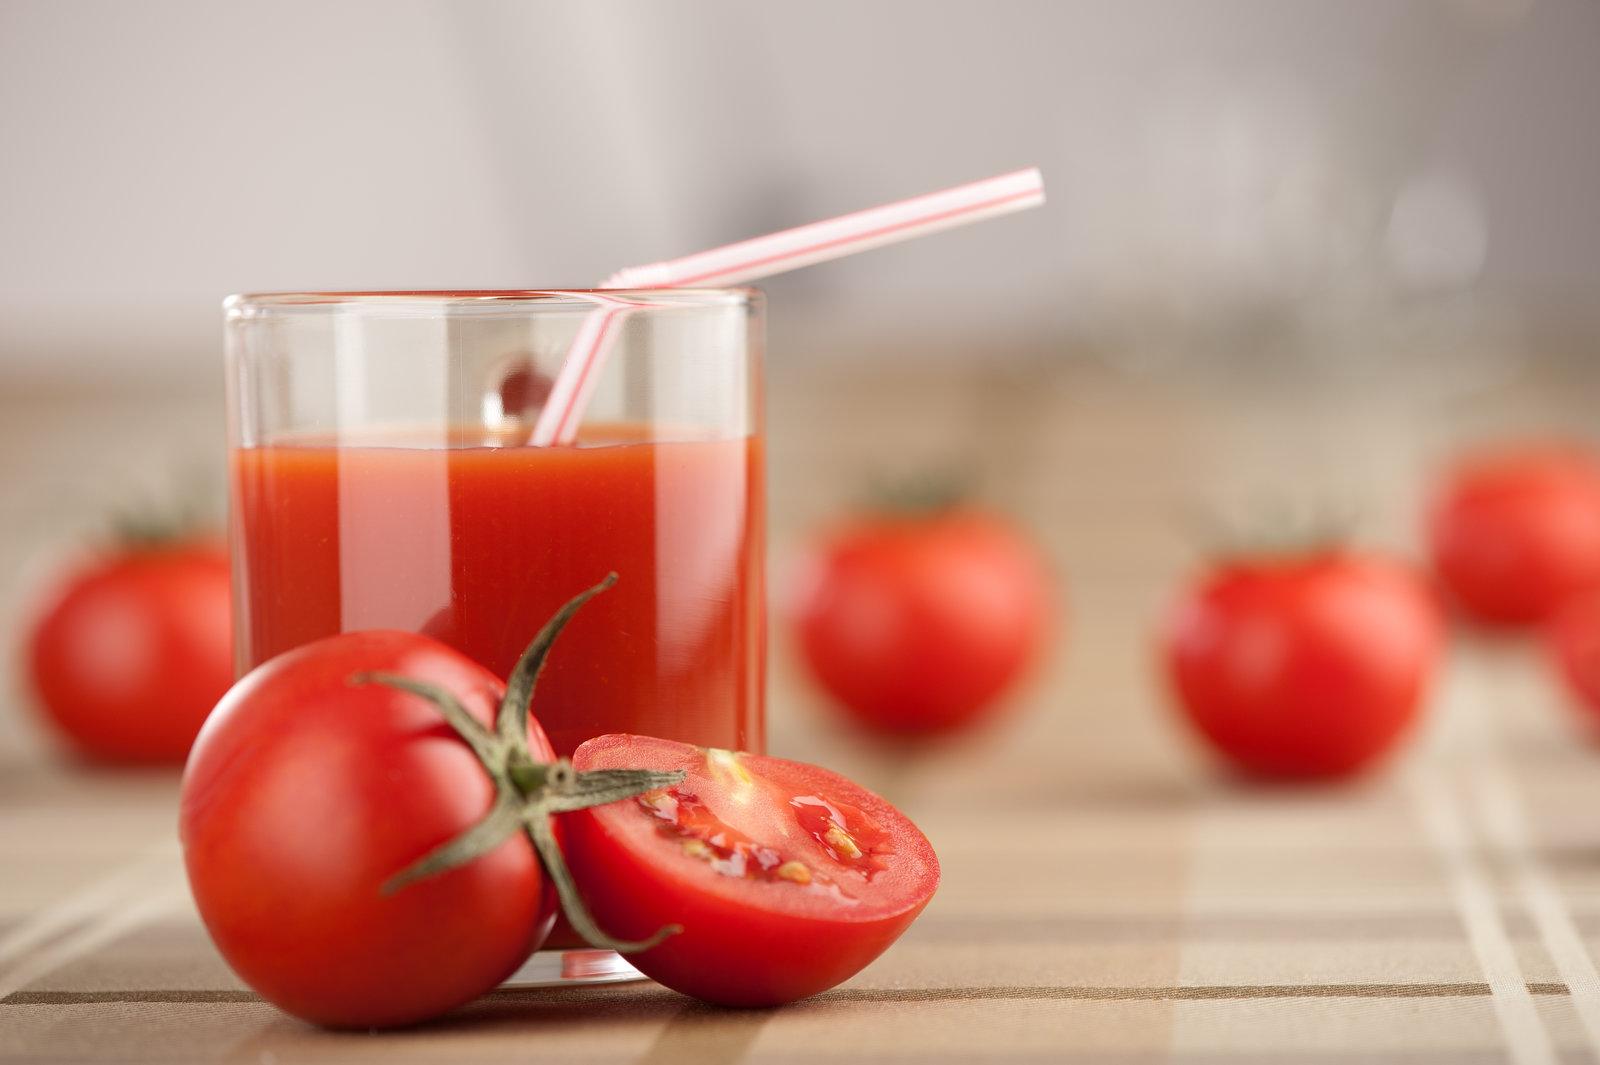 Gros plan sur un verrre de jus de tomate et des tomates cerises.